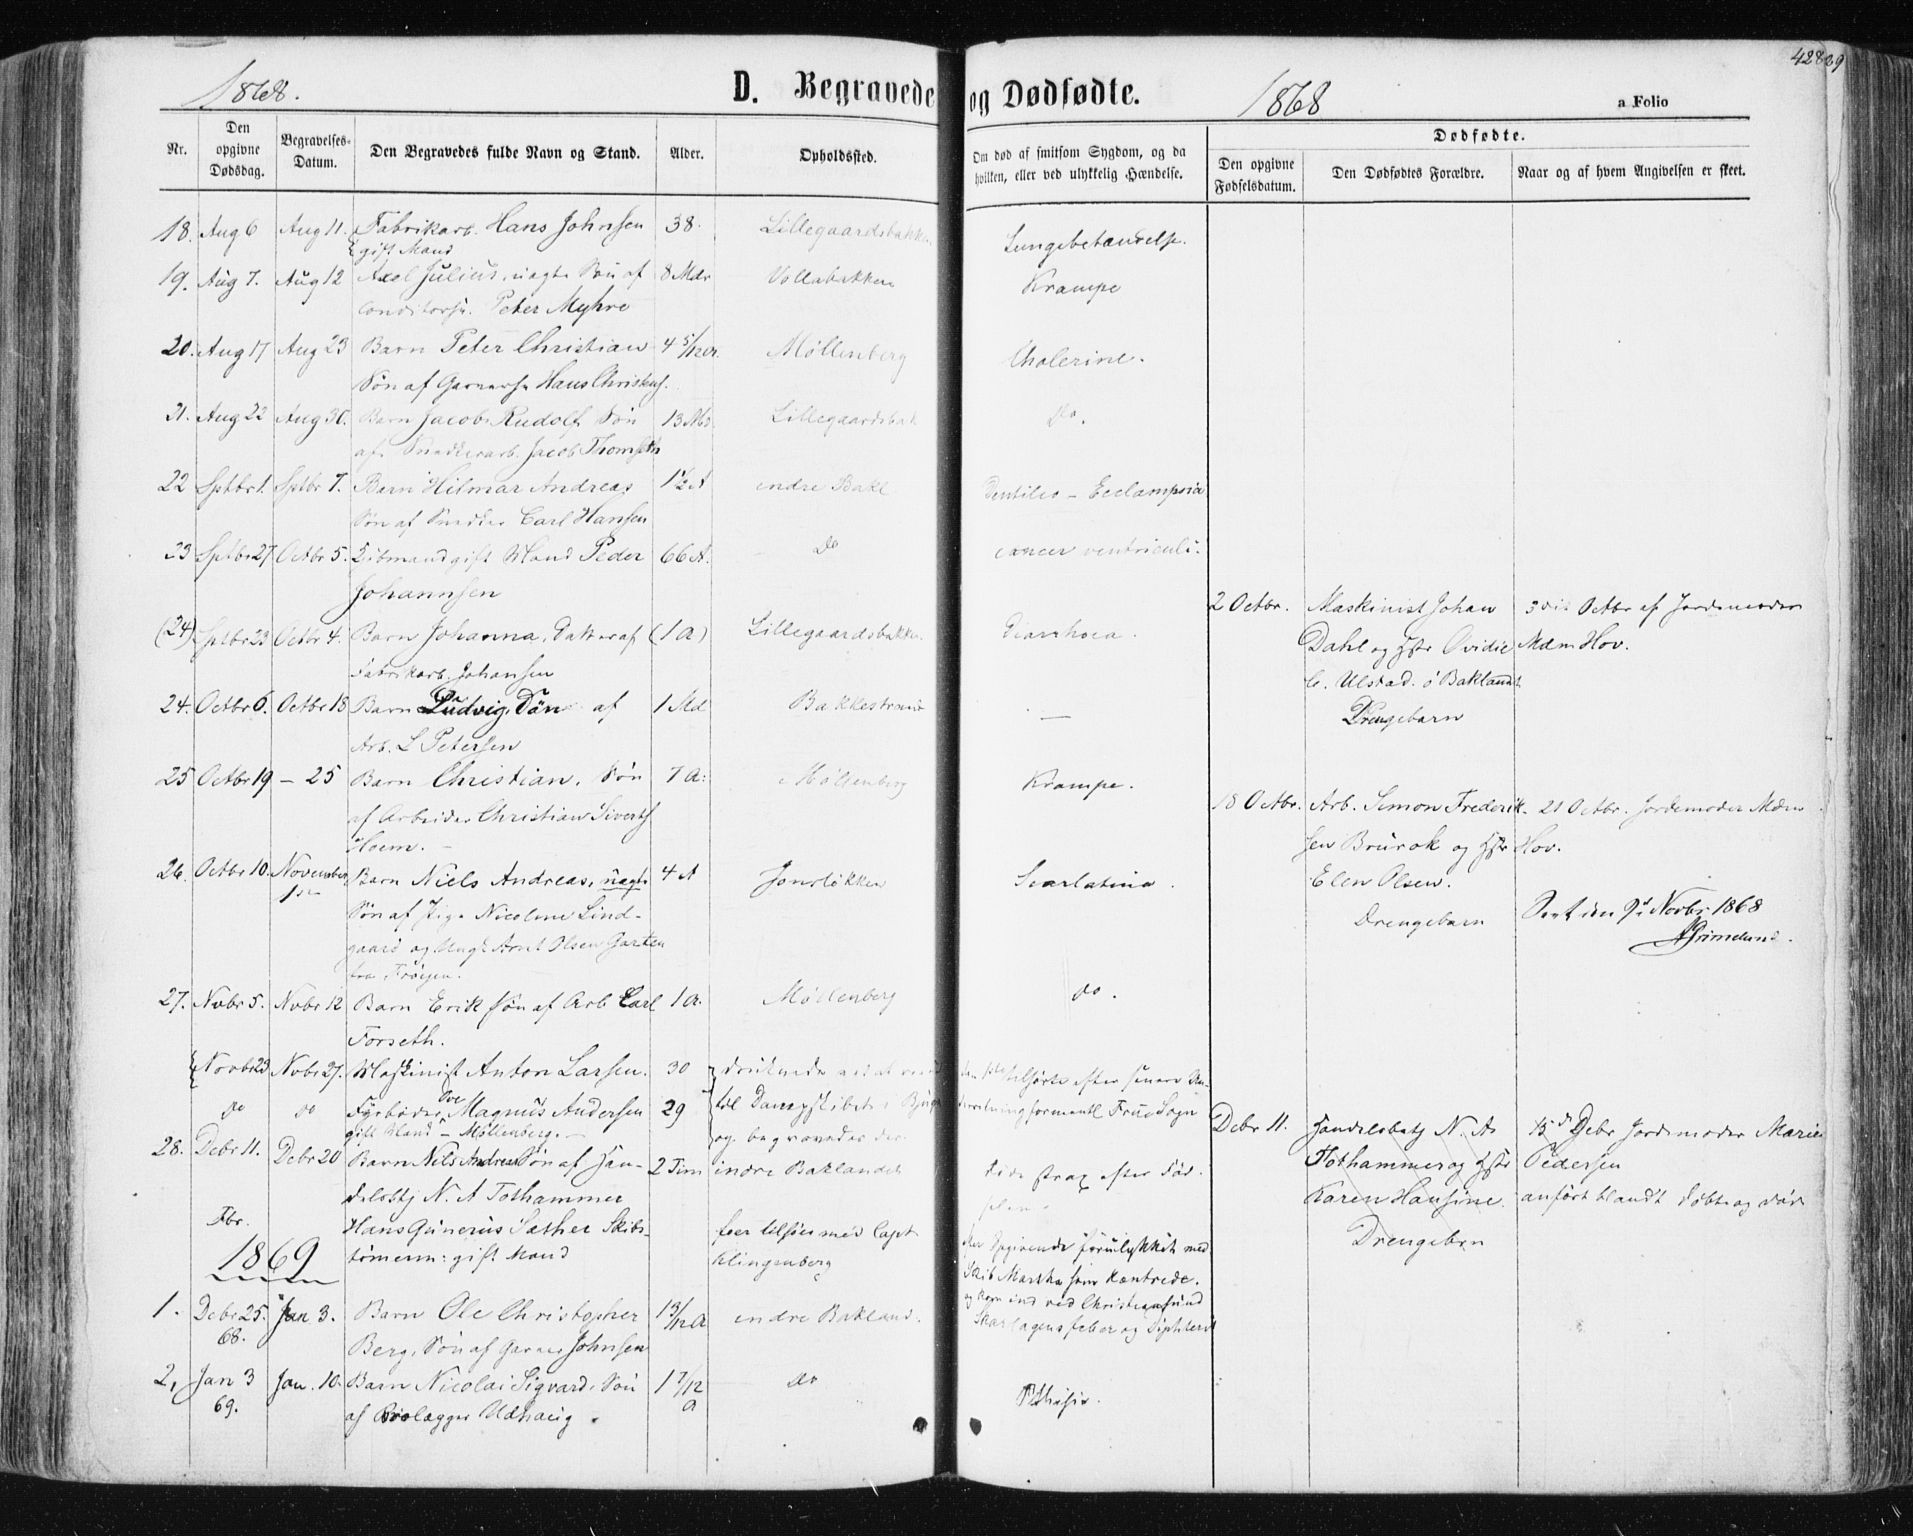 SAT, Ministerialprotokoller, klokkerbøker og fødselsregistre - Sør-Trøndelag, 604/L0186: Ministerialbok nr. 604A07, 1866-1877, s. 428